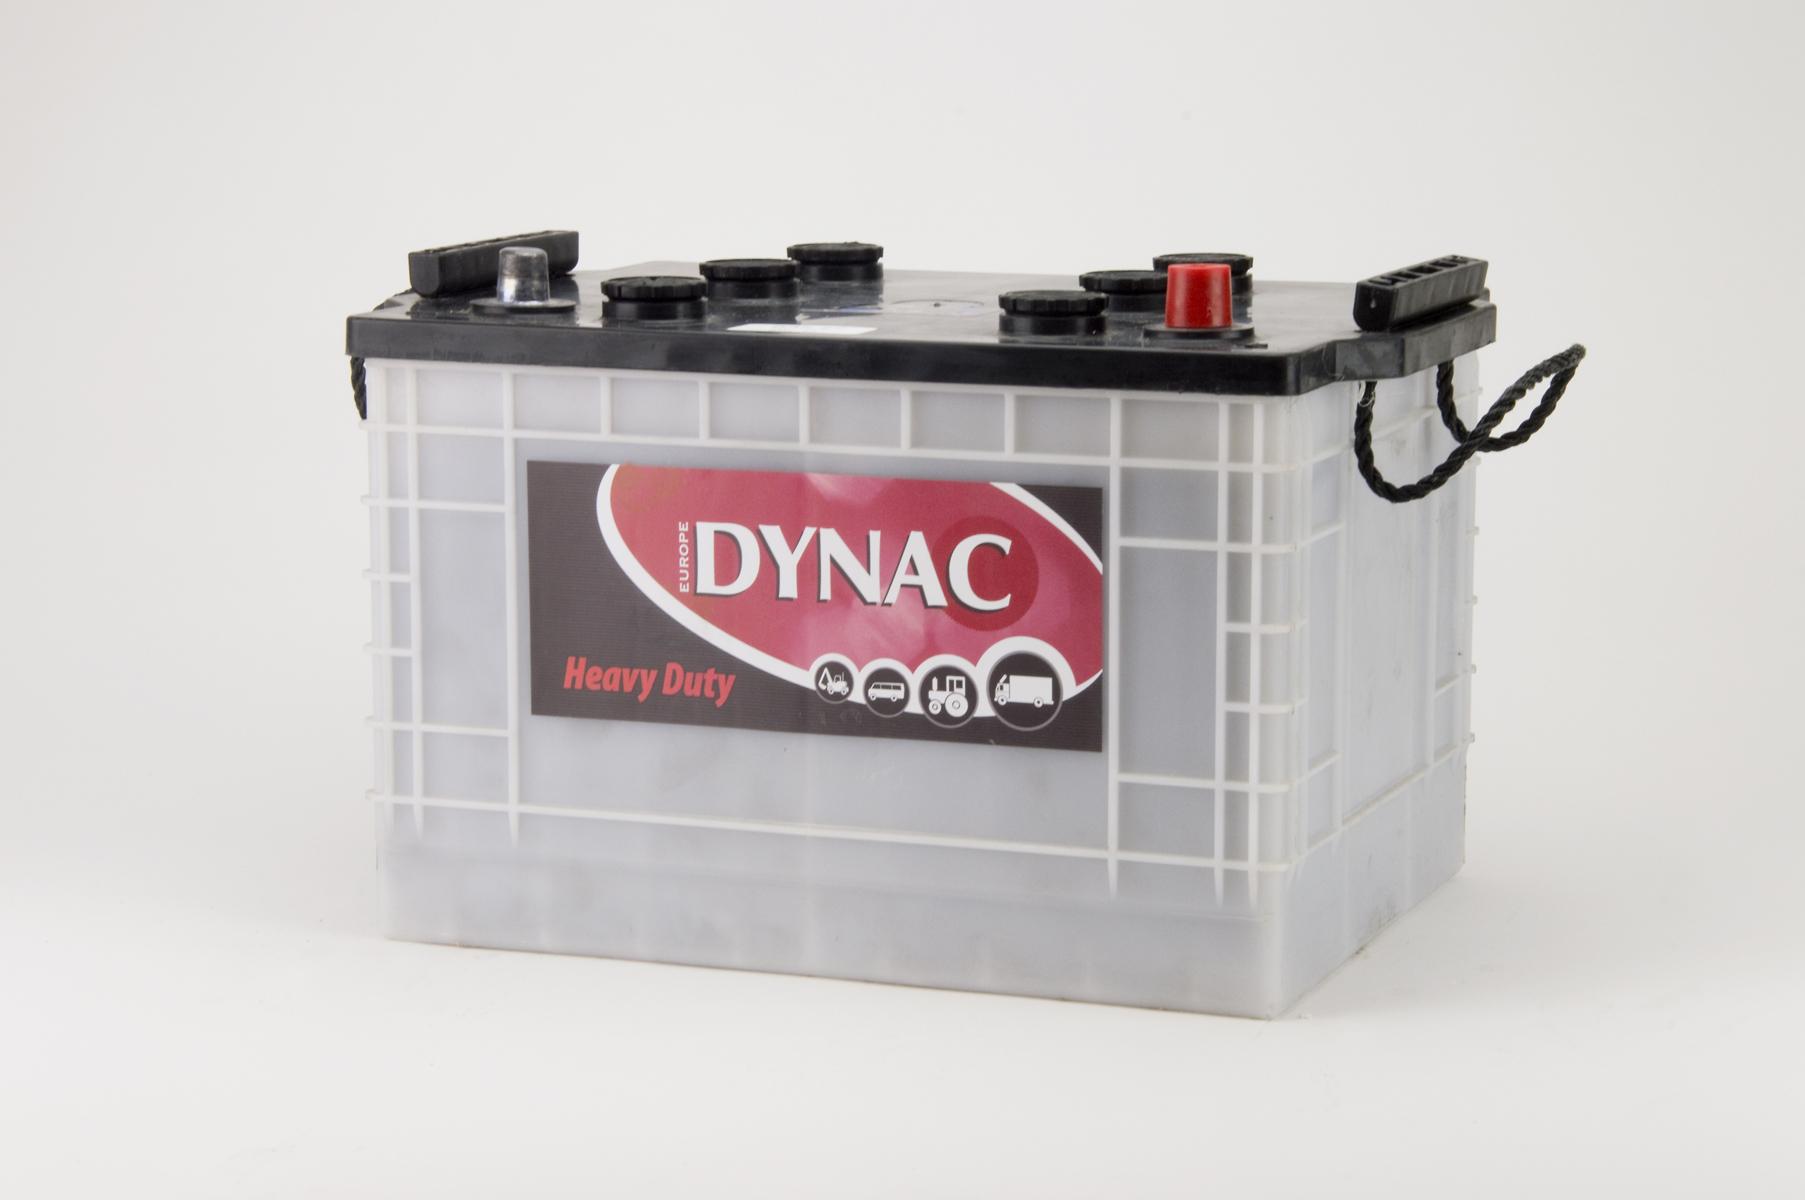 Startaccu Heavy Duty 12V 135Ah Dynac 63527